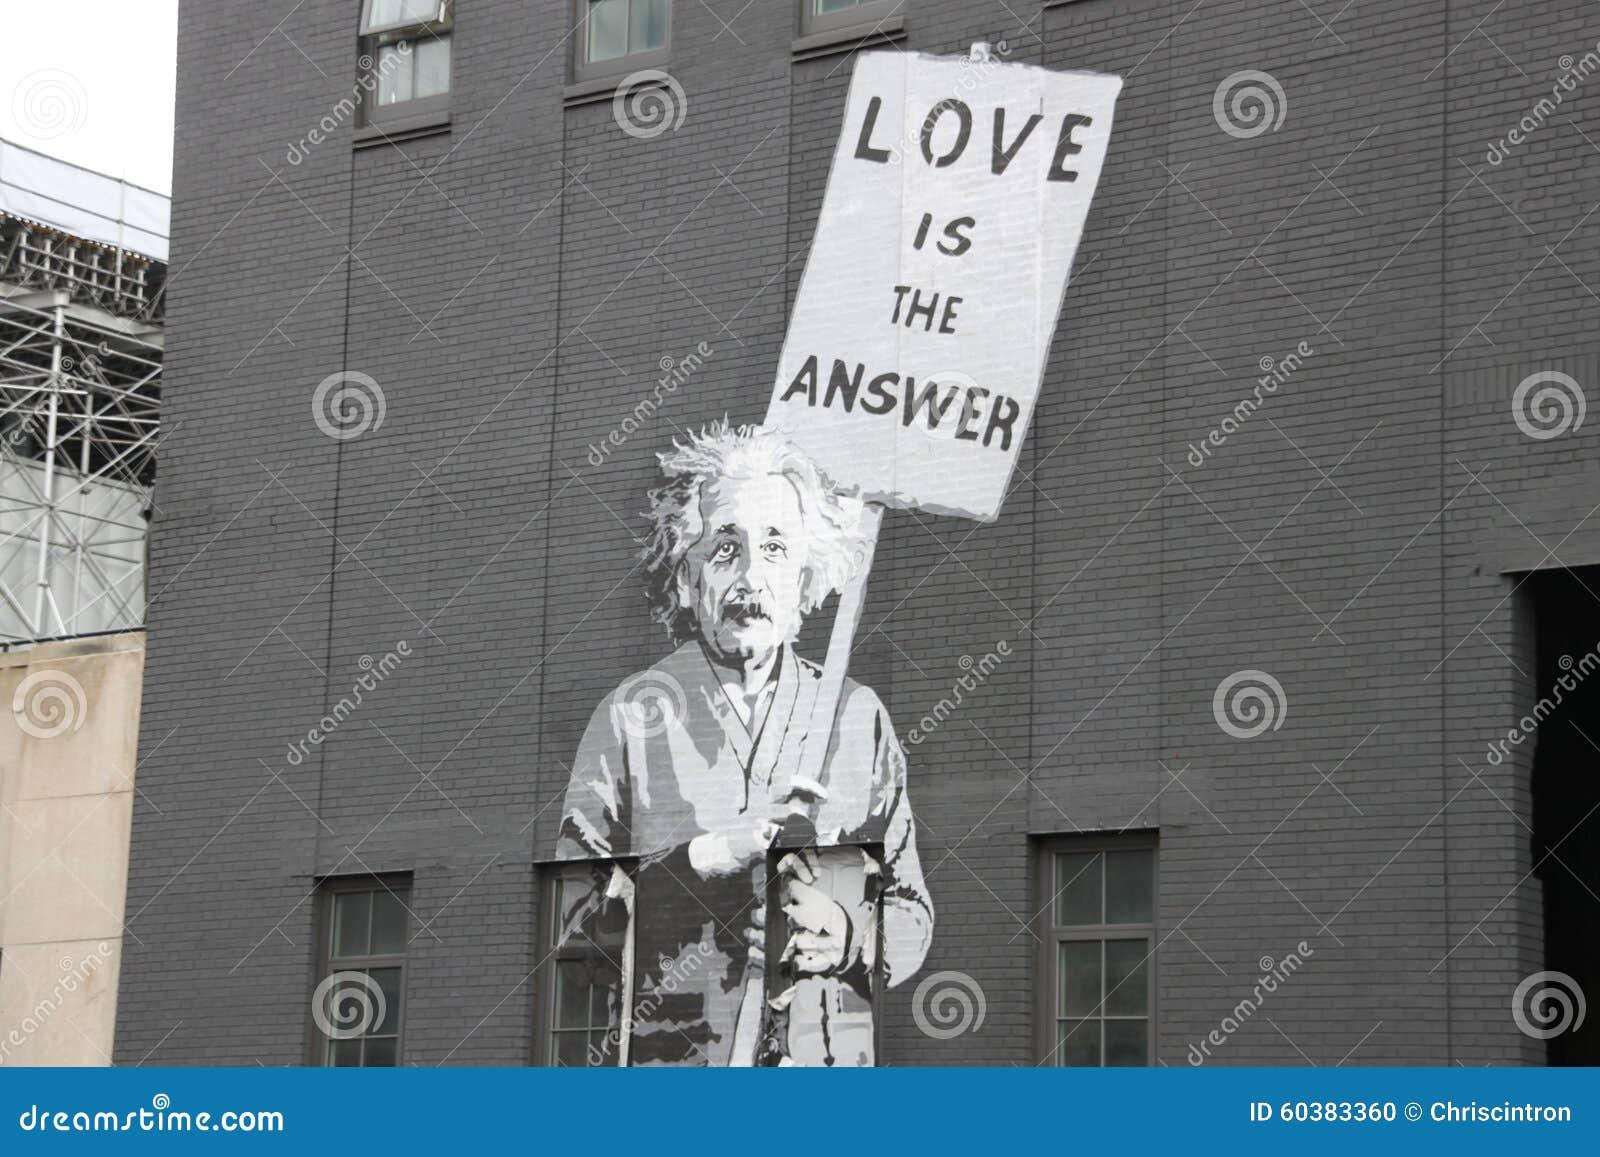 Albert einstein, street art,new york city